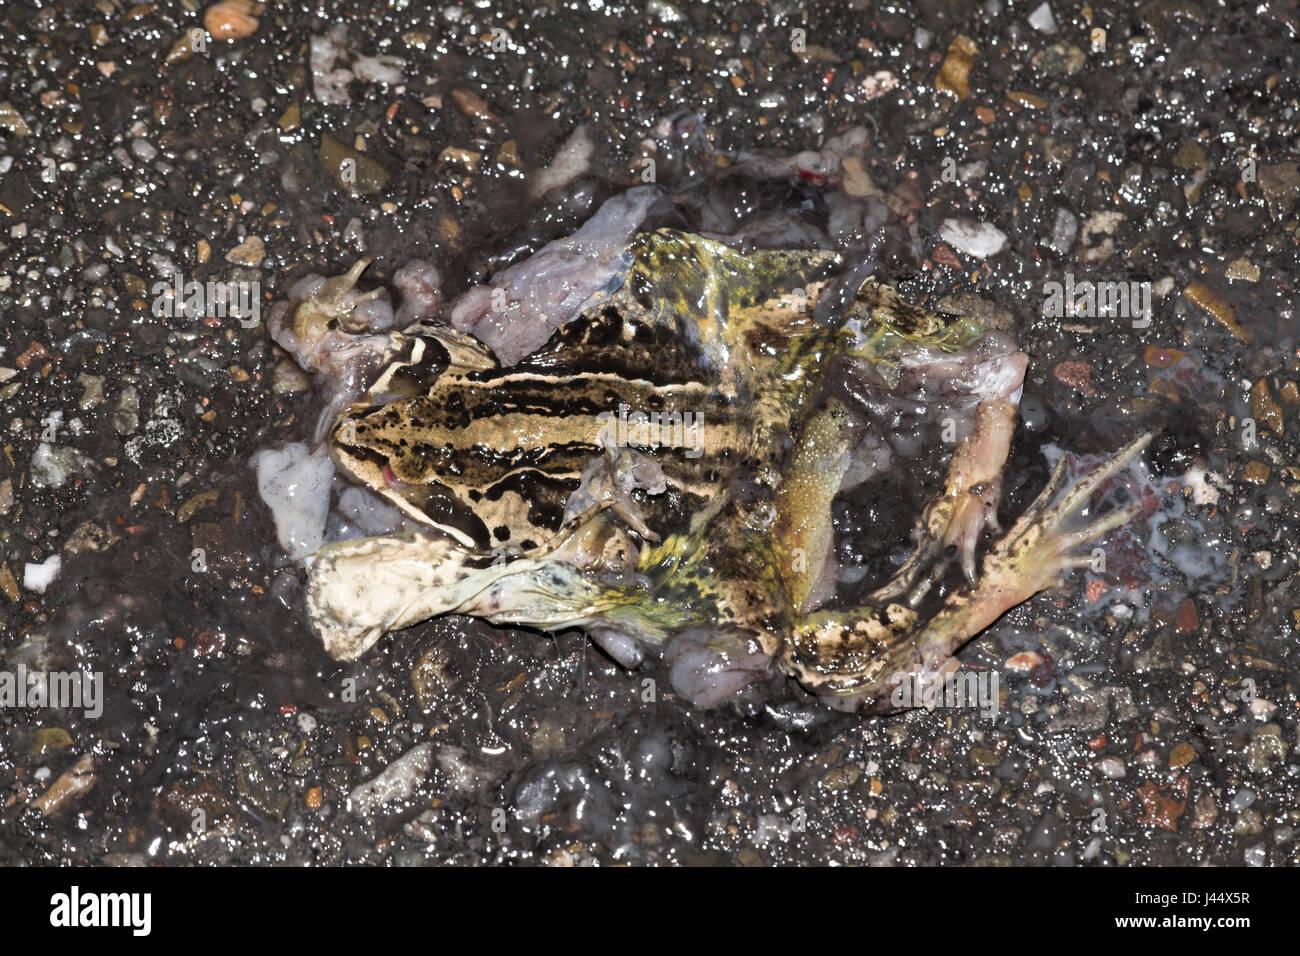 ein Moor-Frosch wird durch den Verkehr auf dem Deich getötet. Stockbild